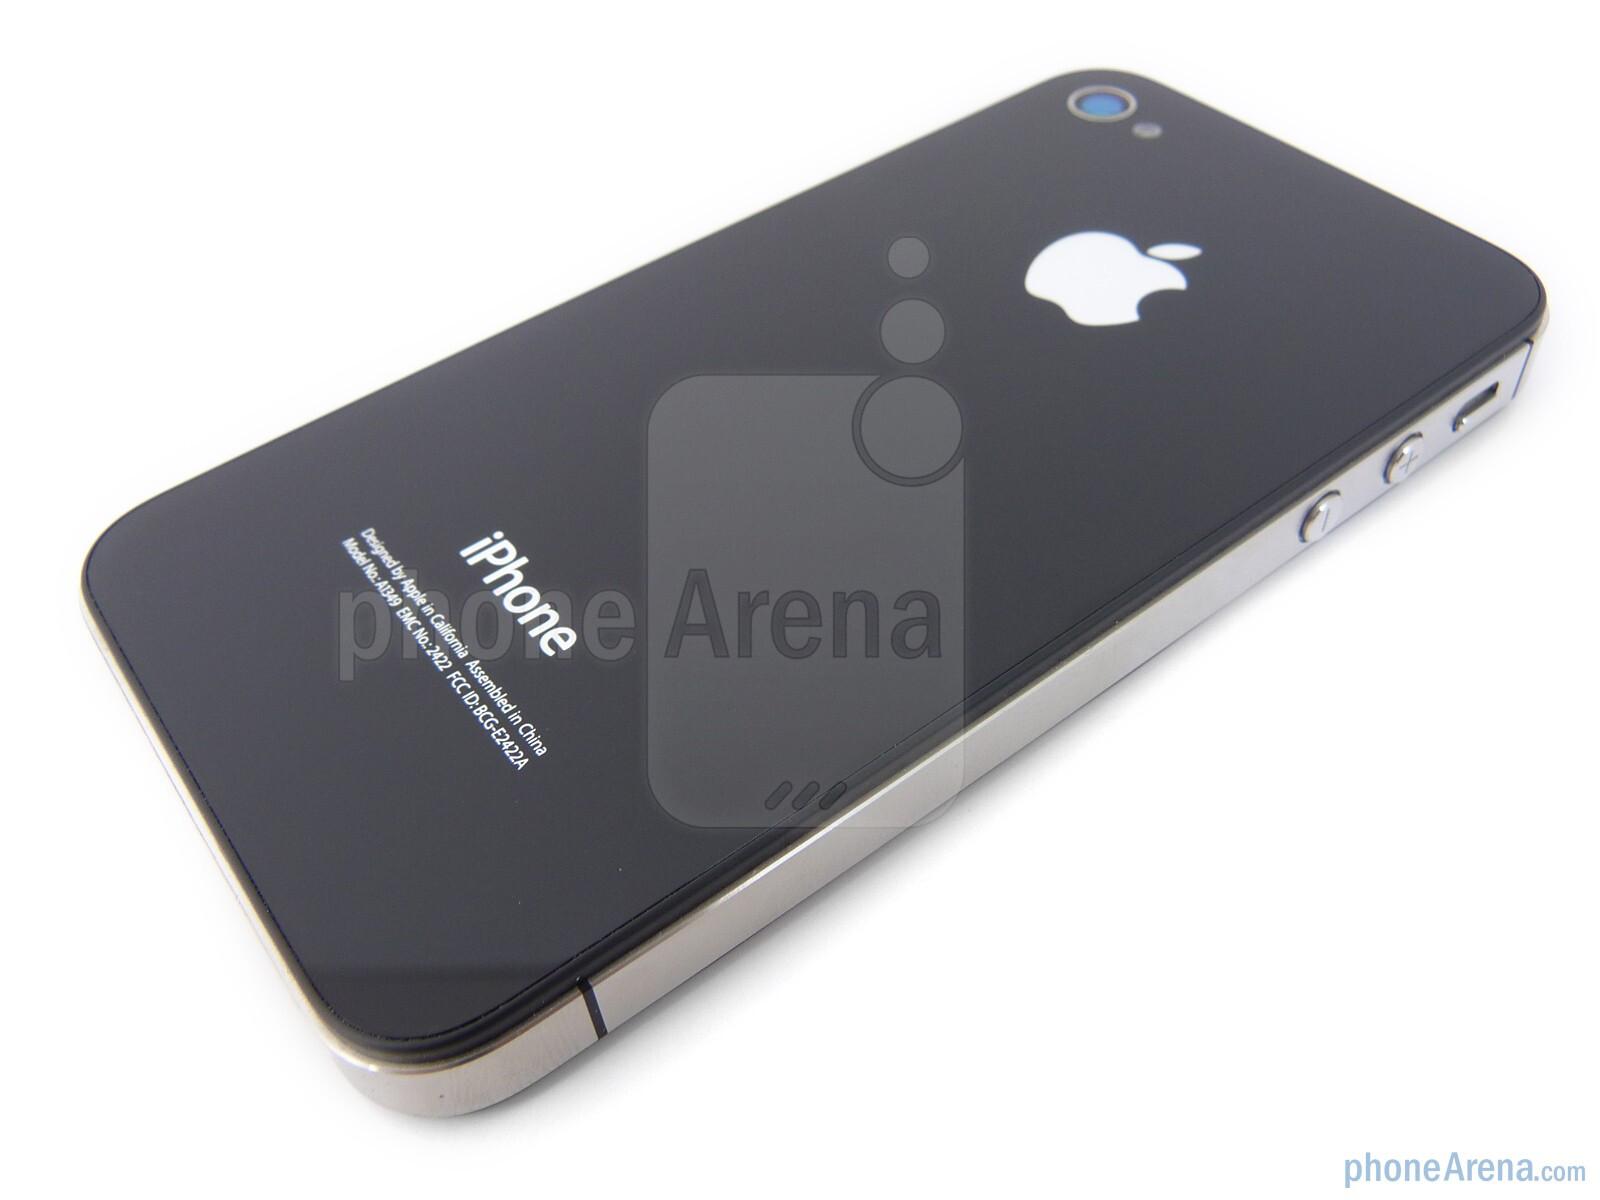 verizon iphone 4 review rh phonearena com User Manual Guide iPhone 4 User Manual for iOS 7